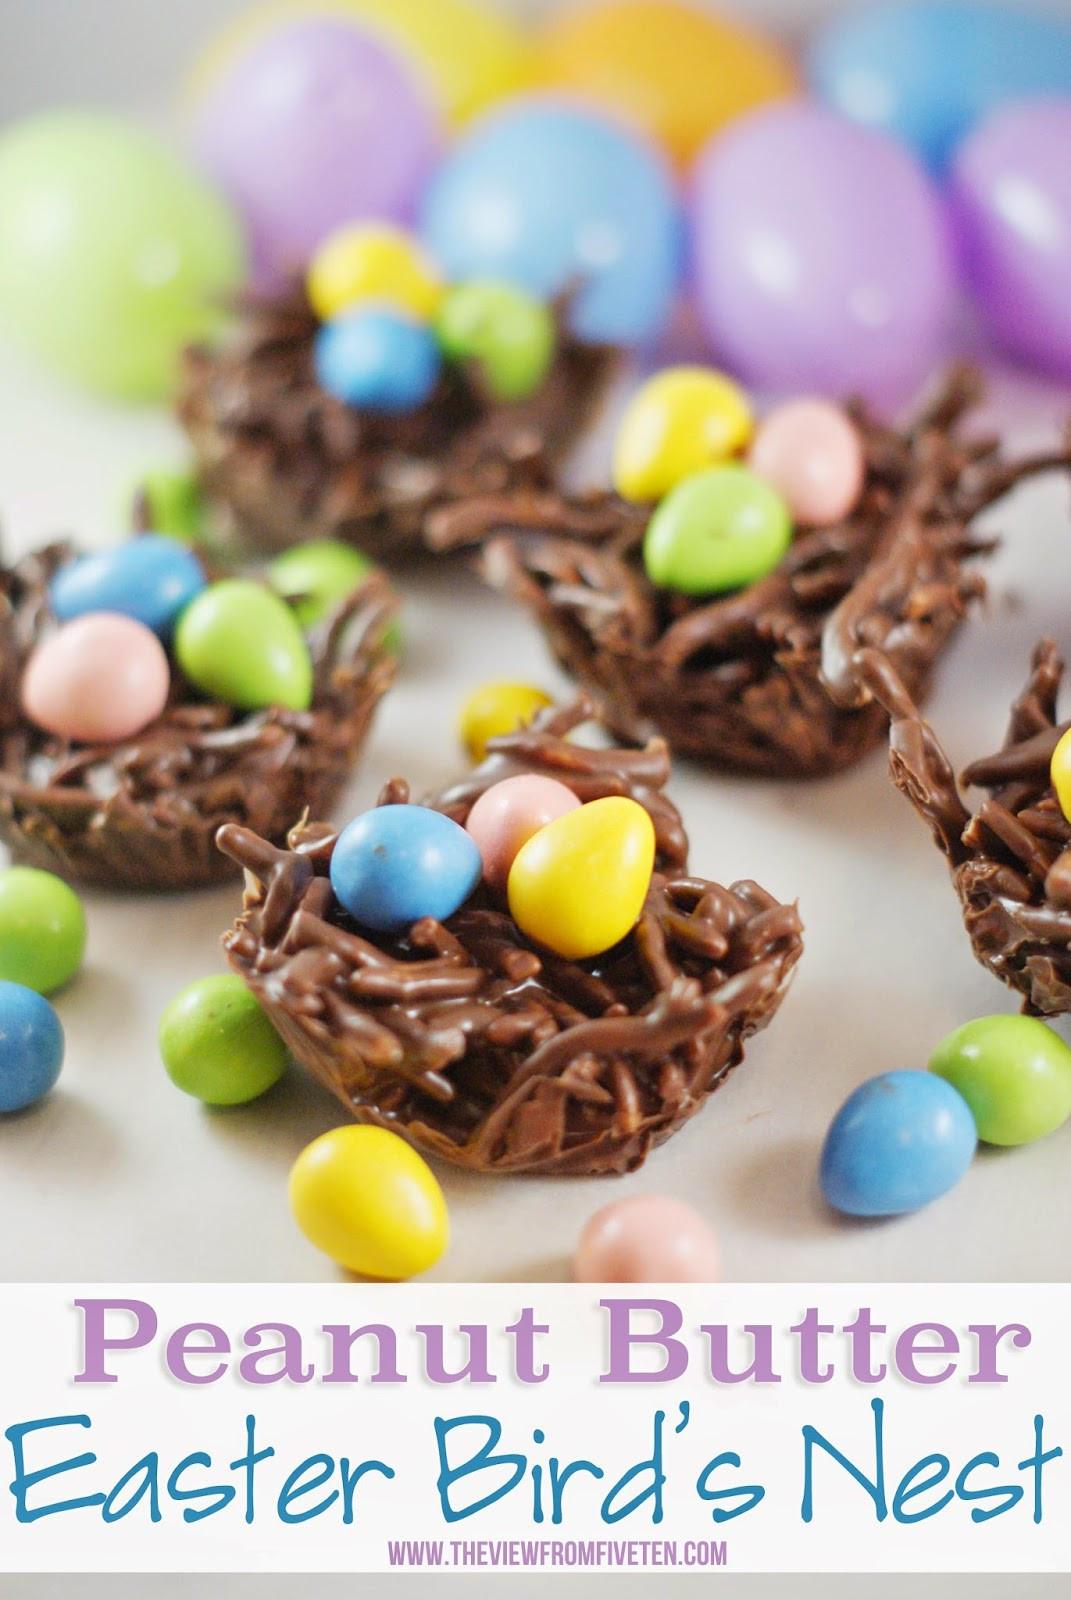 Easter Egg Desserts  15 Yummy Easter Egg Nest Desserts